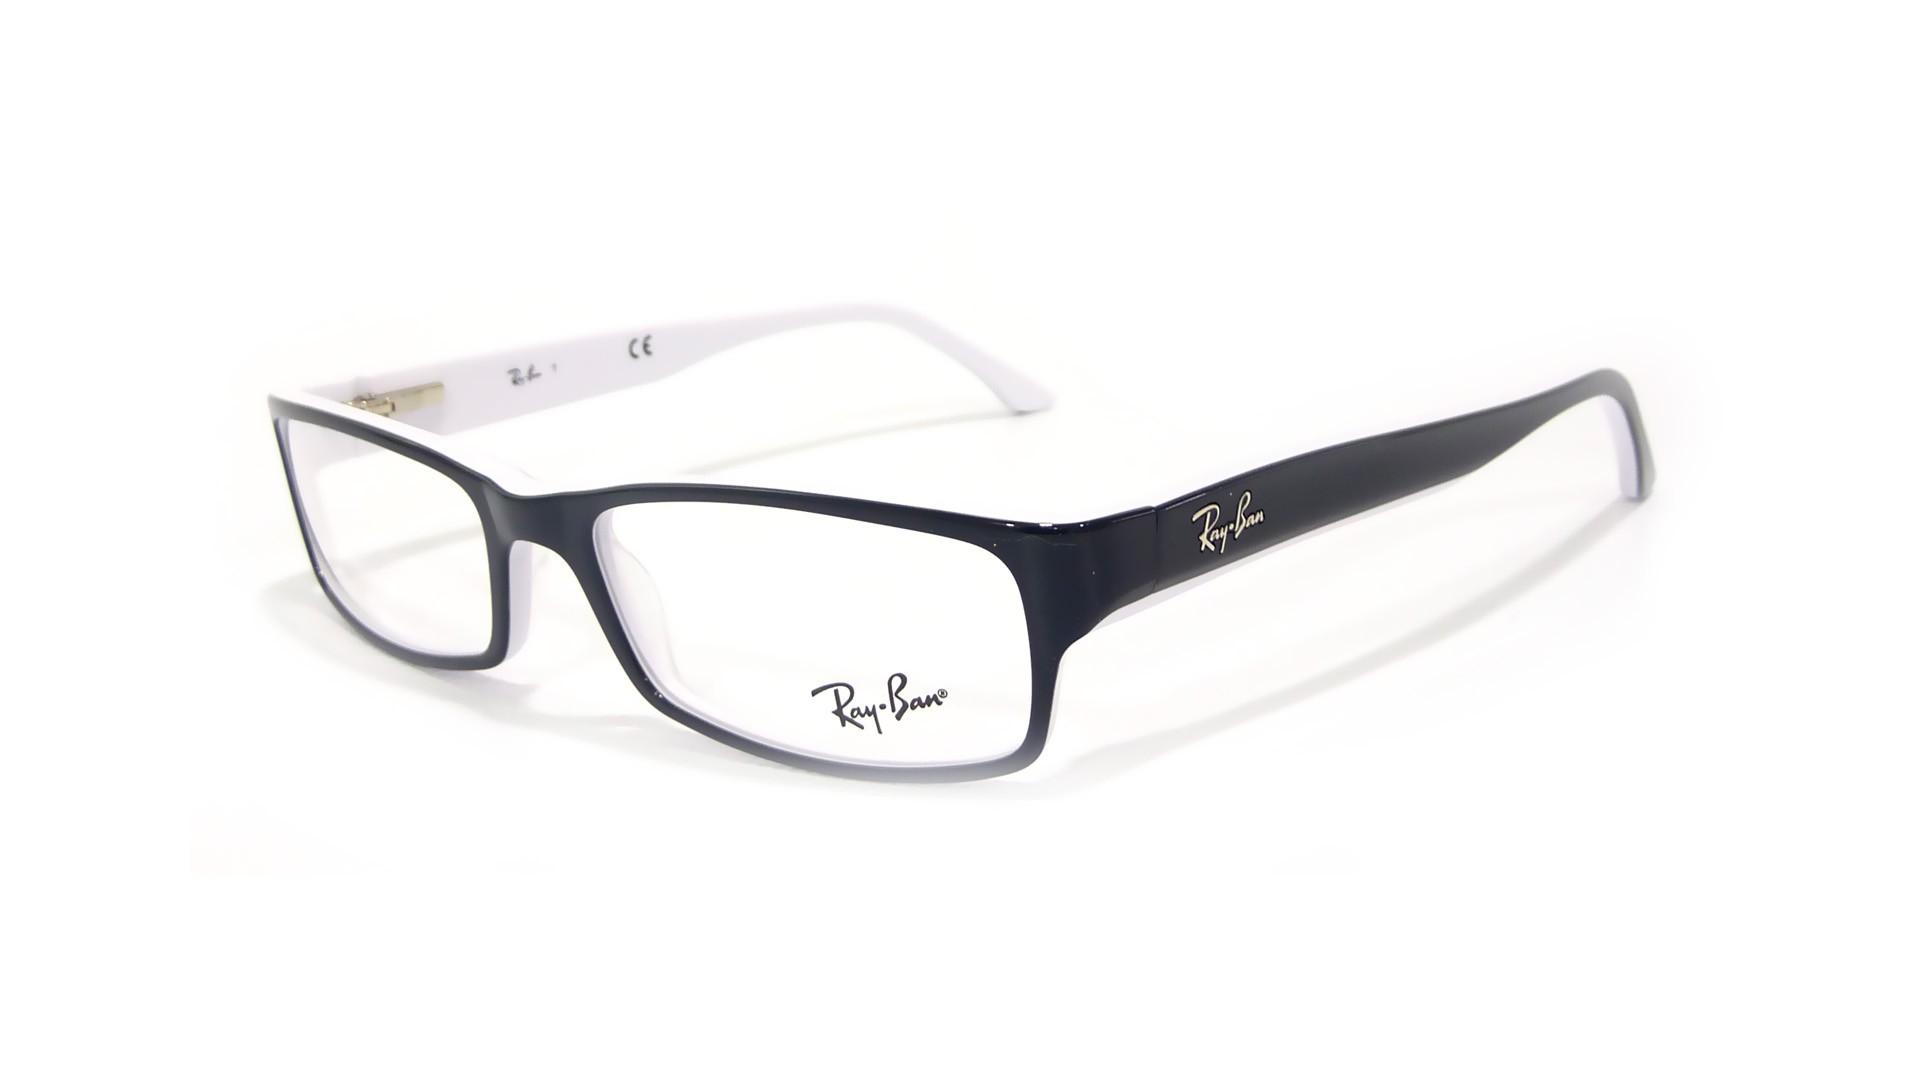 White Eyeglass Frames For Mens : White Glasses Frames For Men - Viewing Gallery